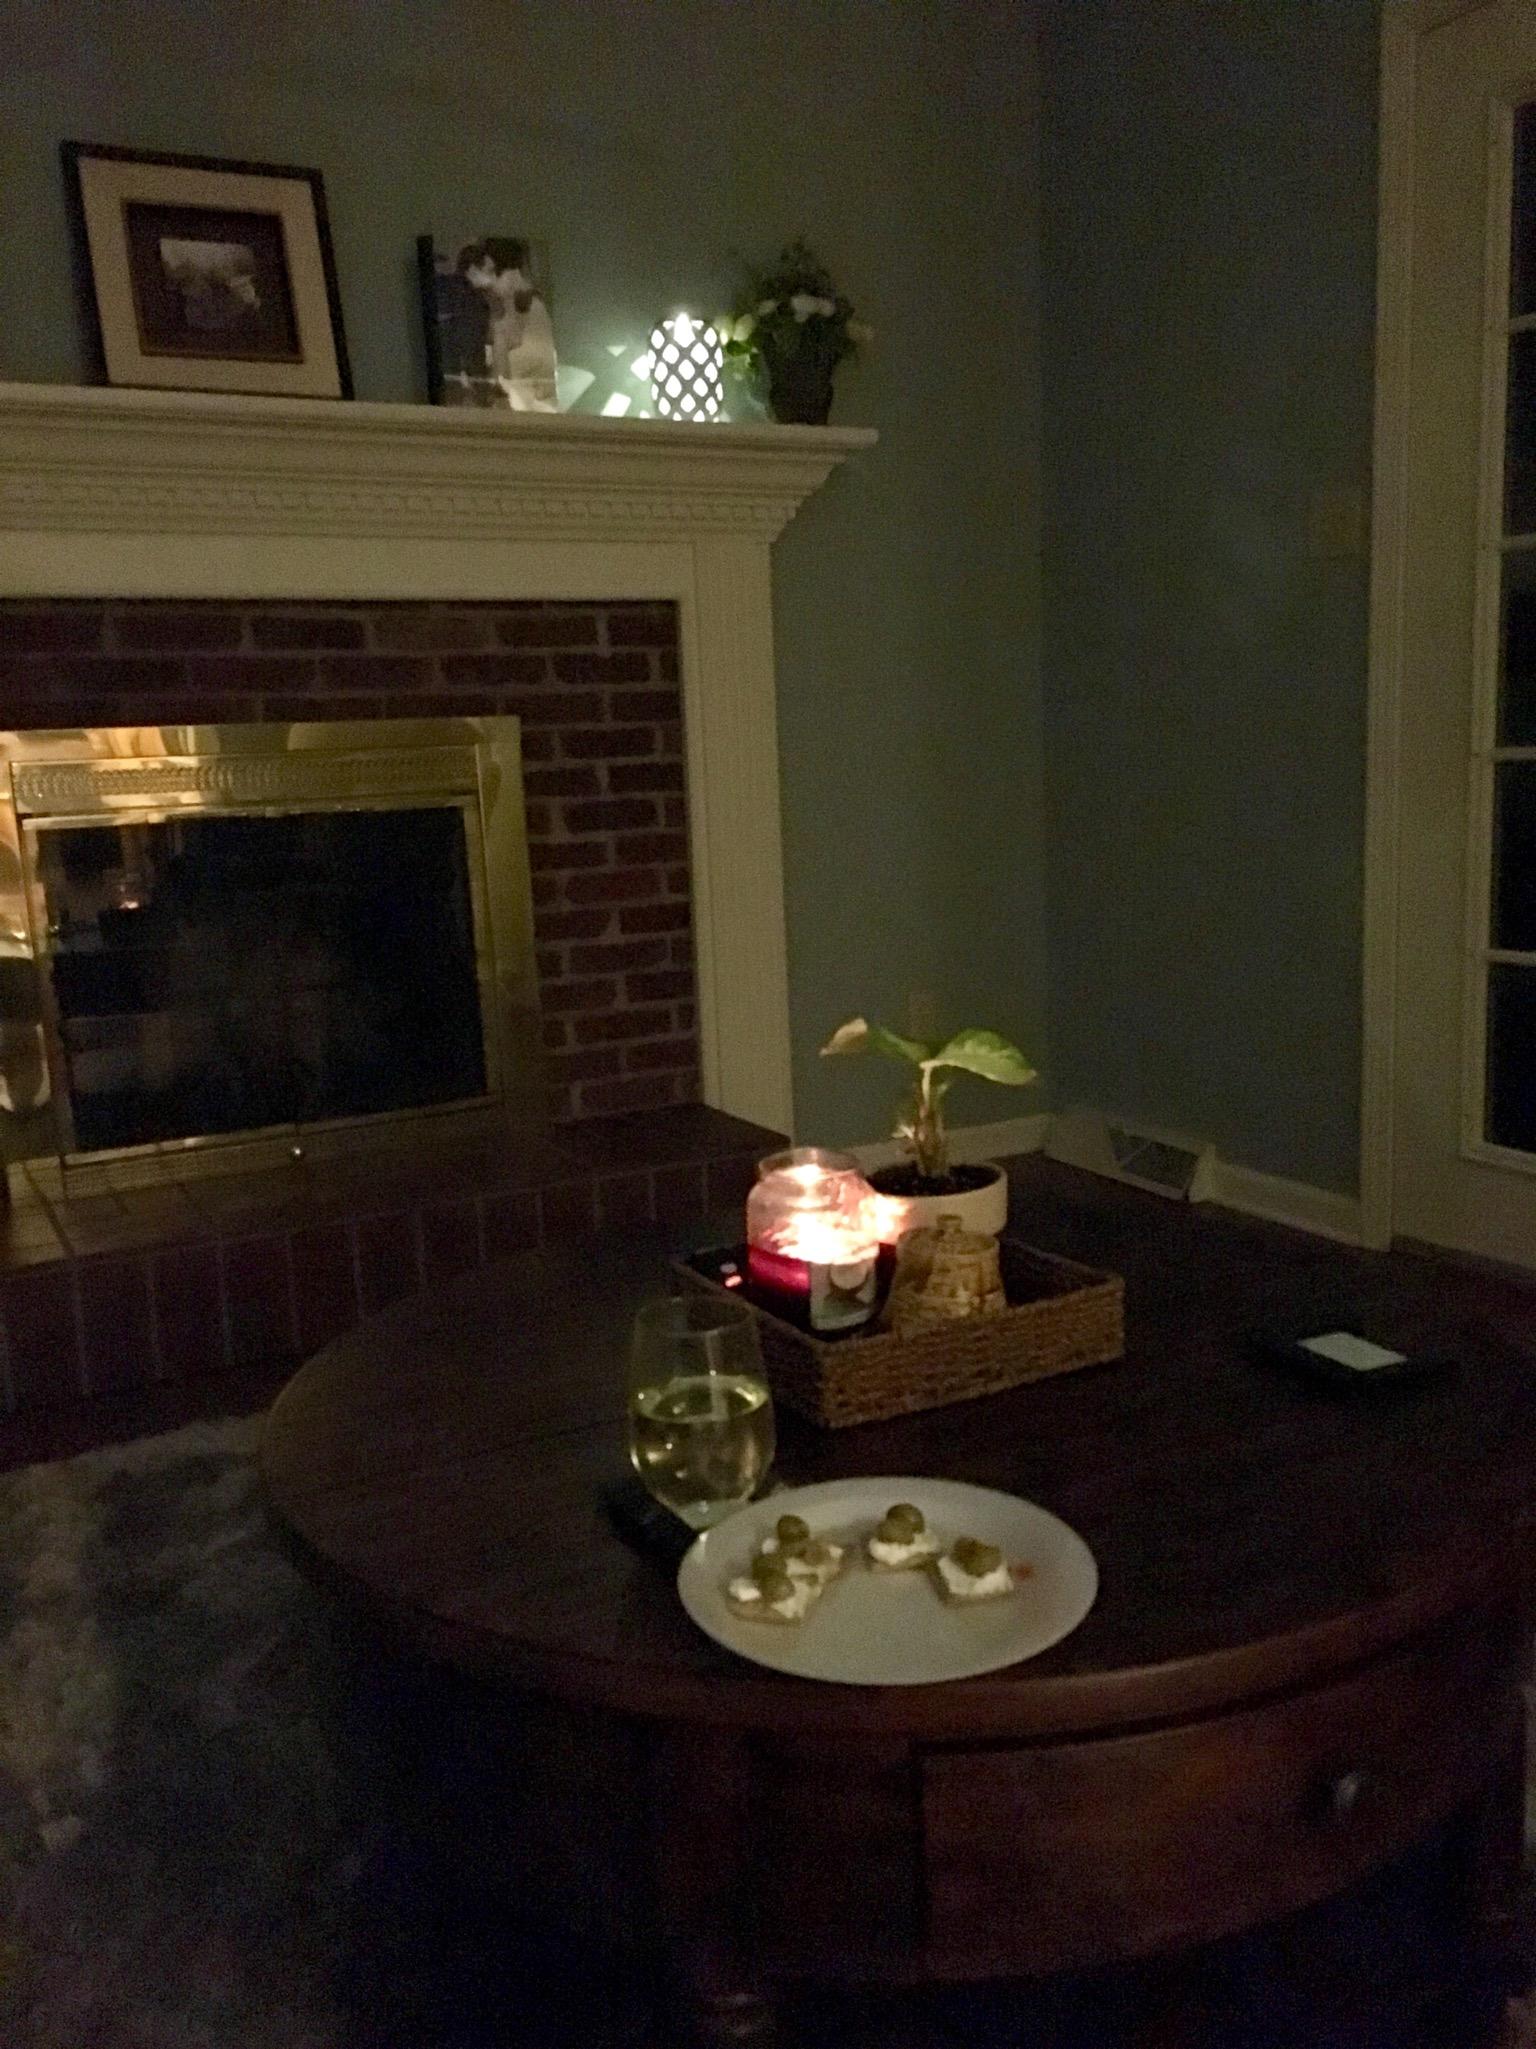 Late night wine and cream cheese crackers.